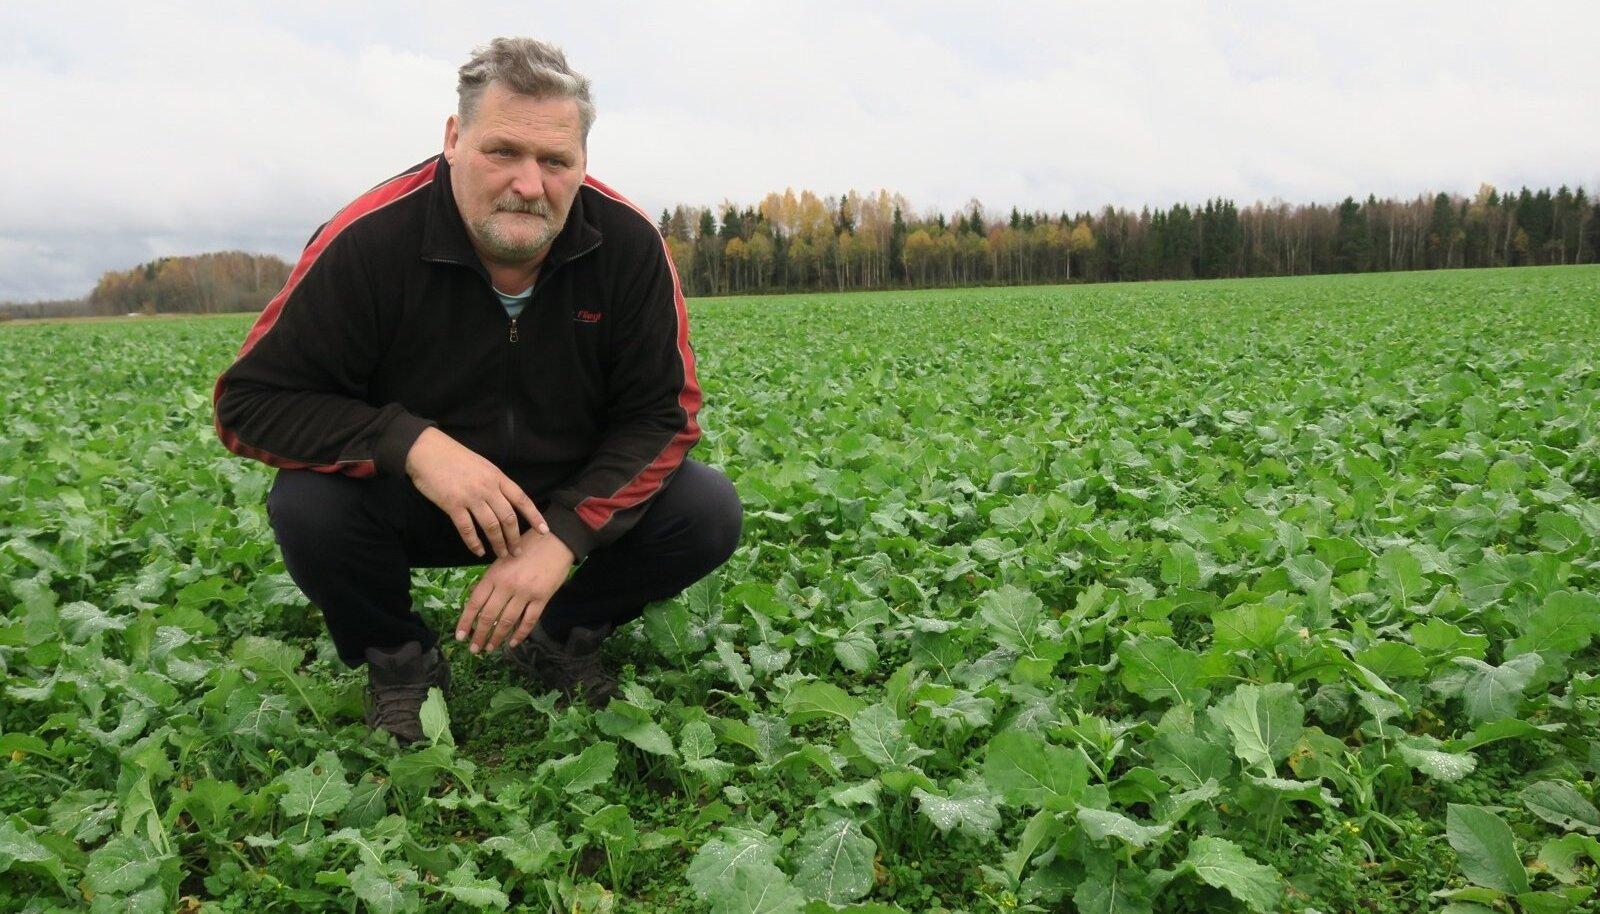 Kui sel hooajal võistles mahe seemnevilja tootja Tiit Tamme talirüpsiga, siis uueks saagiaastaks on külvatud juba uus katse – mahe taliraps.